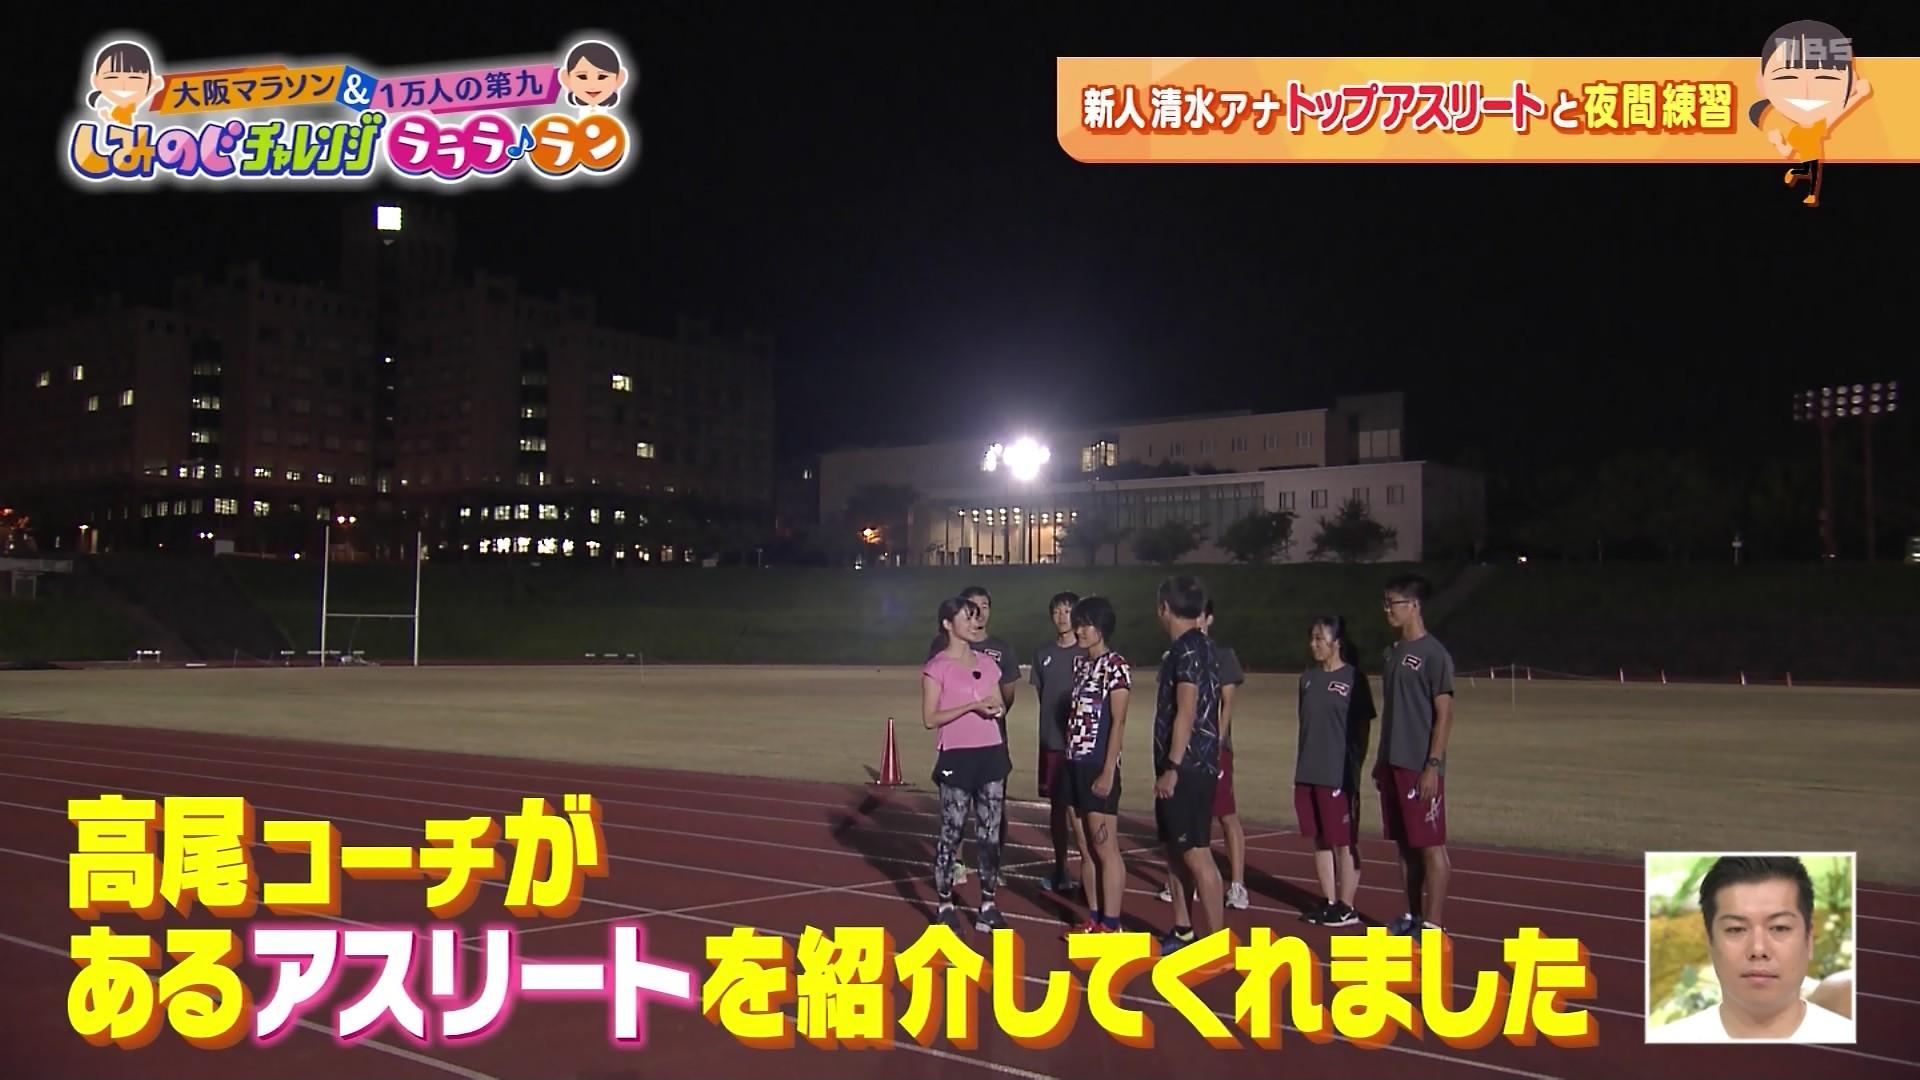 2019年10月11日に放送された「ちちんぷいぷい」に出演した女子アナ・清水麻椰さんのテレビキャプチャー画像-006